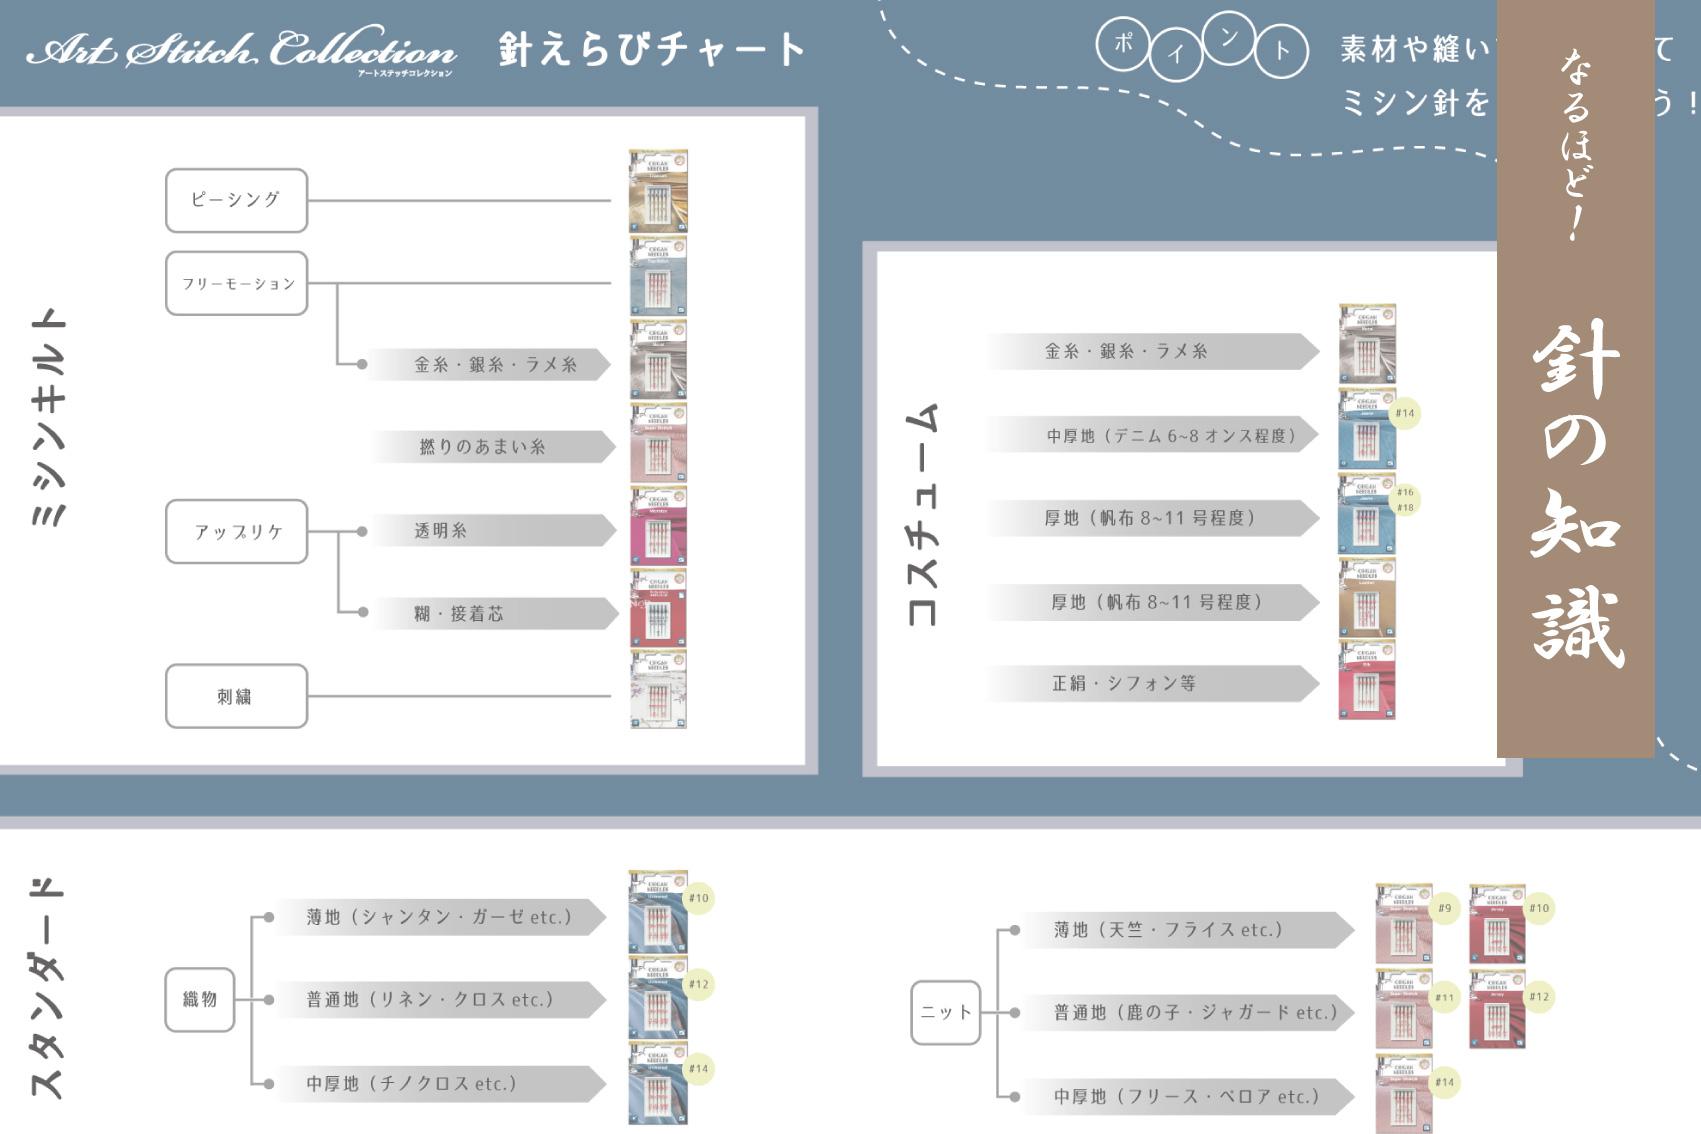 オルガン針株式会社が運営するミシンユーザーのための情報発信型通販サイトArt Stitch Room Powered by ORGAN NEEDLE CO.,LTD.(アートステッチルーム) 【針の知識】Art Stitch Collectionの選び方をご紹介します!